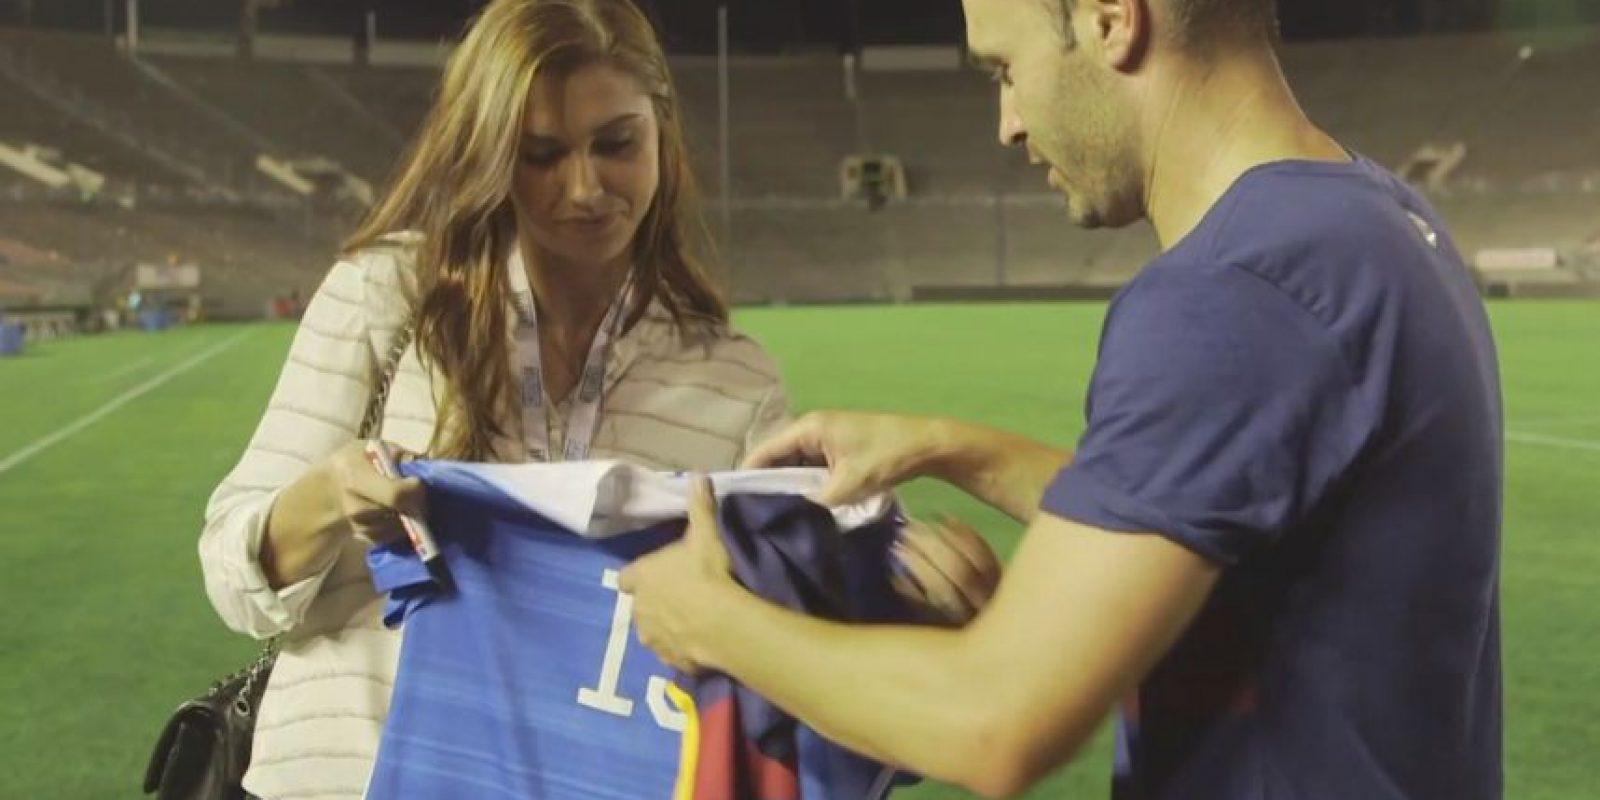 Morgan le regresó el gesto regalándole su camiseta de la selección de Estados Unidos firmada por ella. Foto:Vía fcbarcelona.com